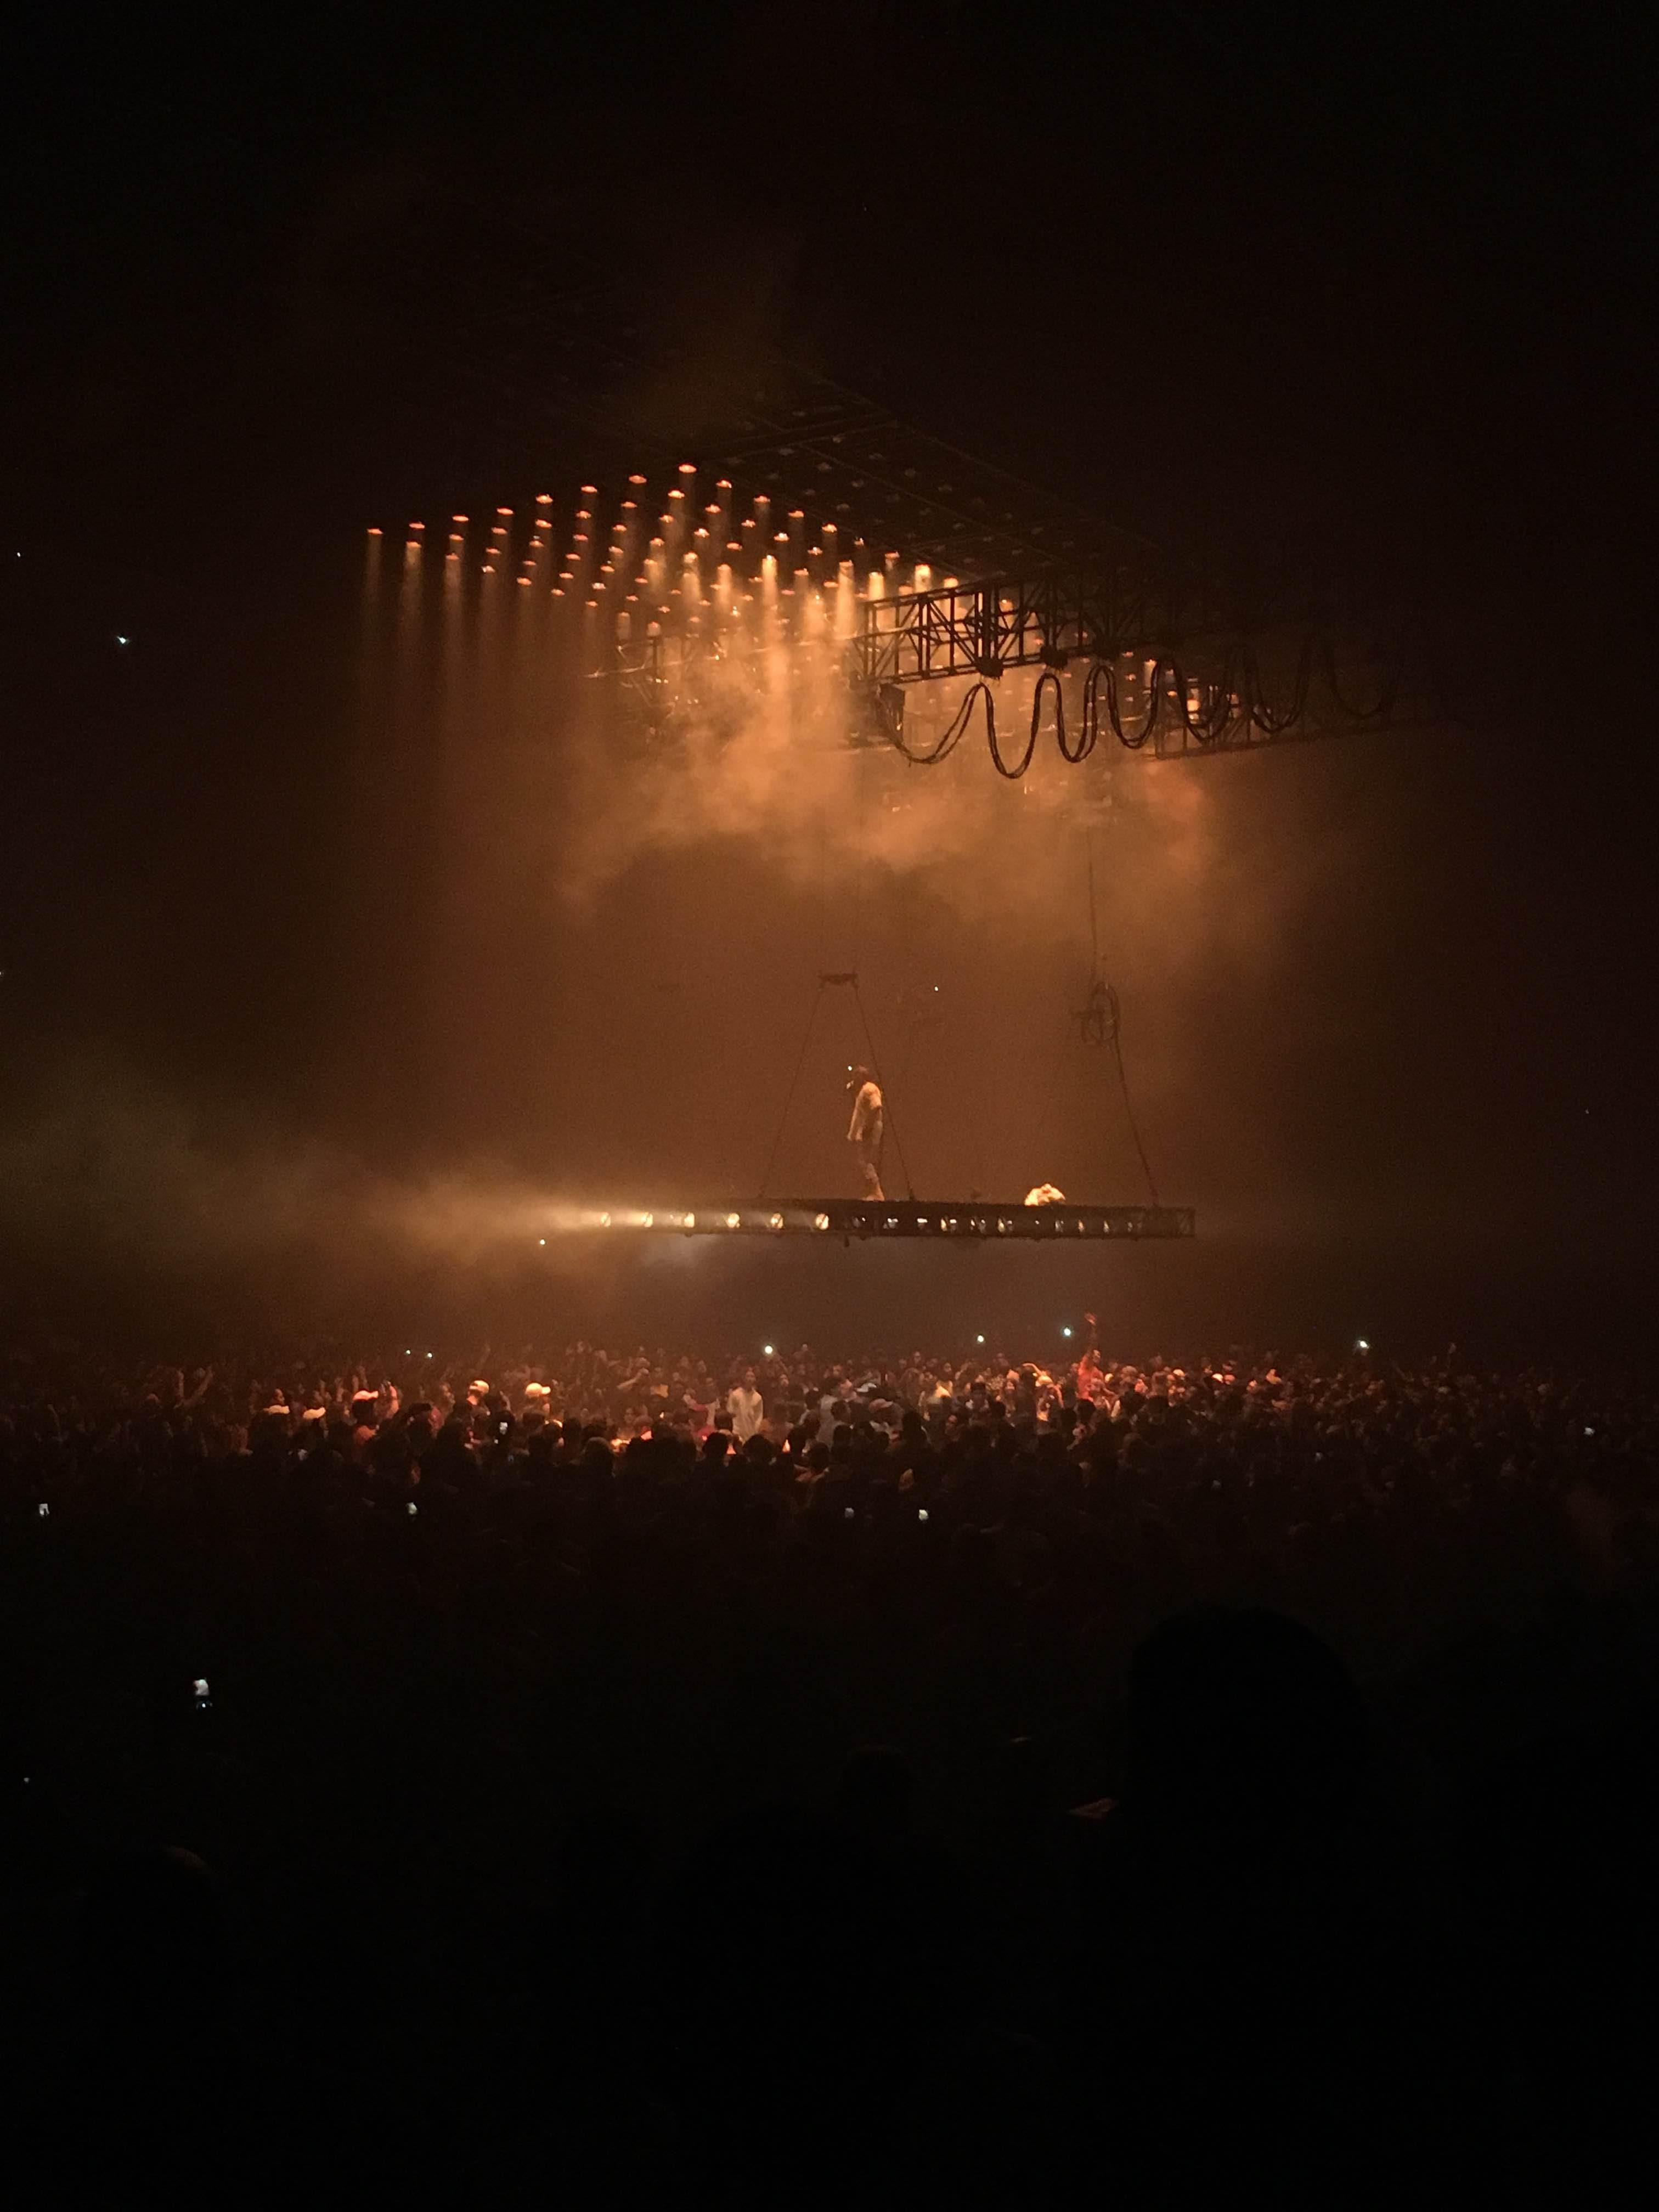 Kanye West: The Saint Pablo Tour